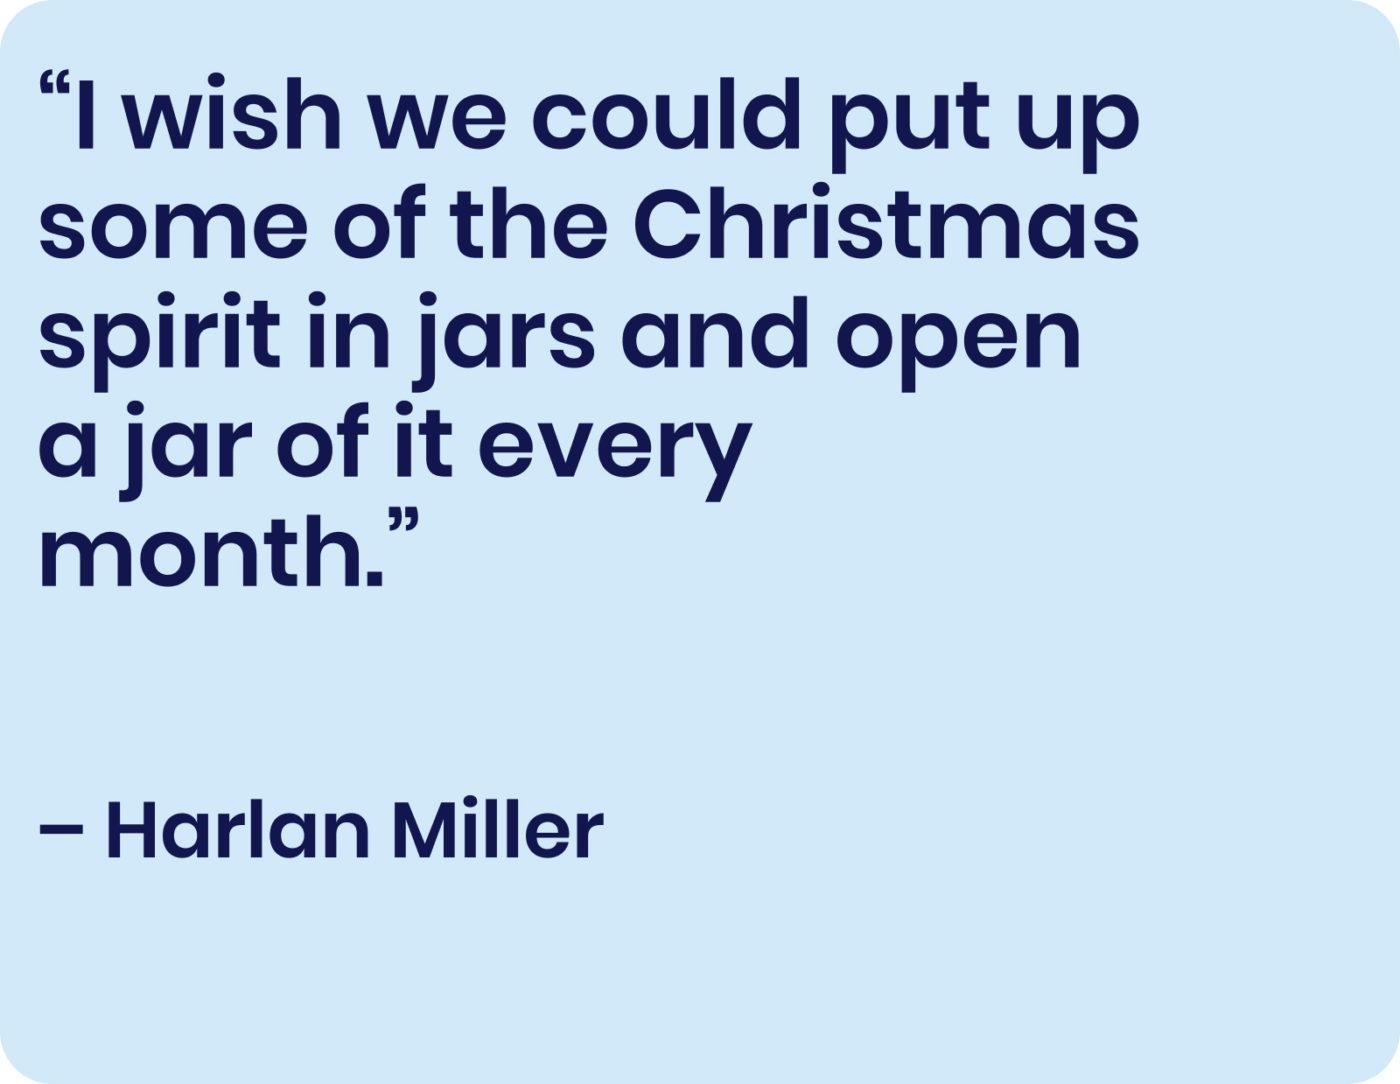 Harlan Miller